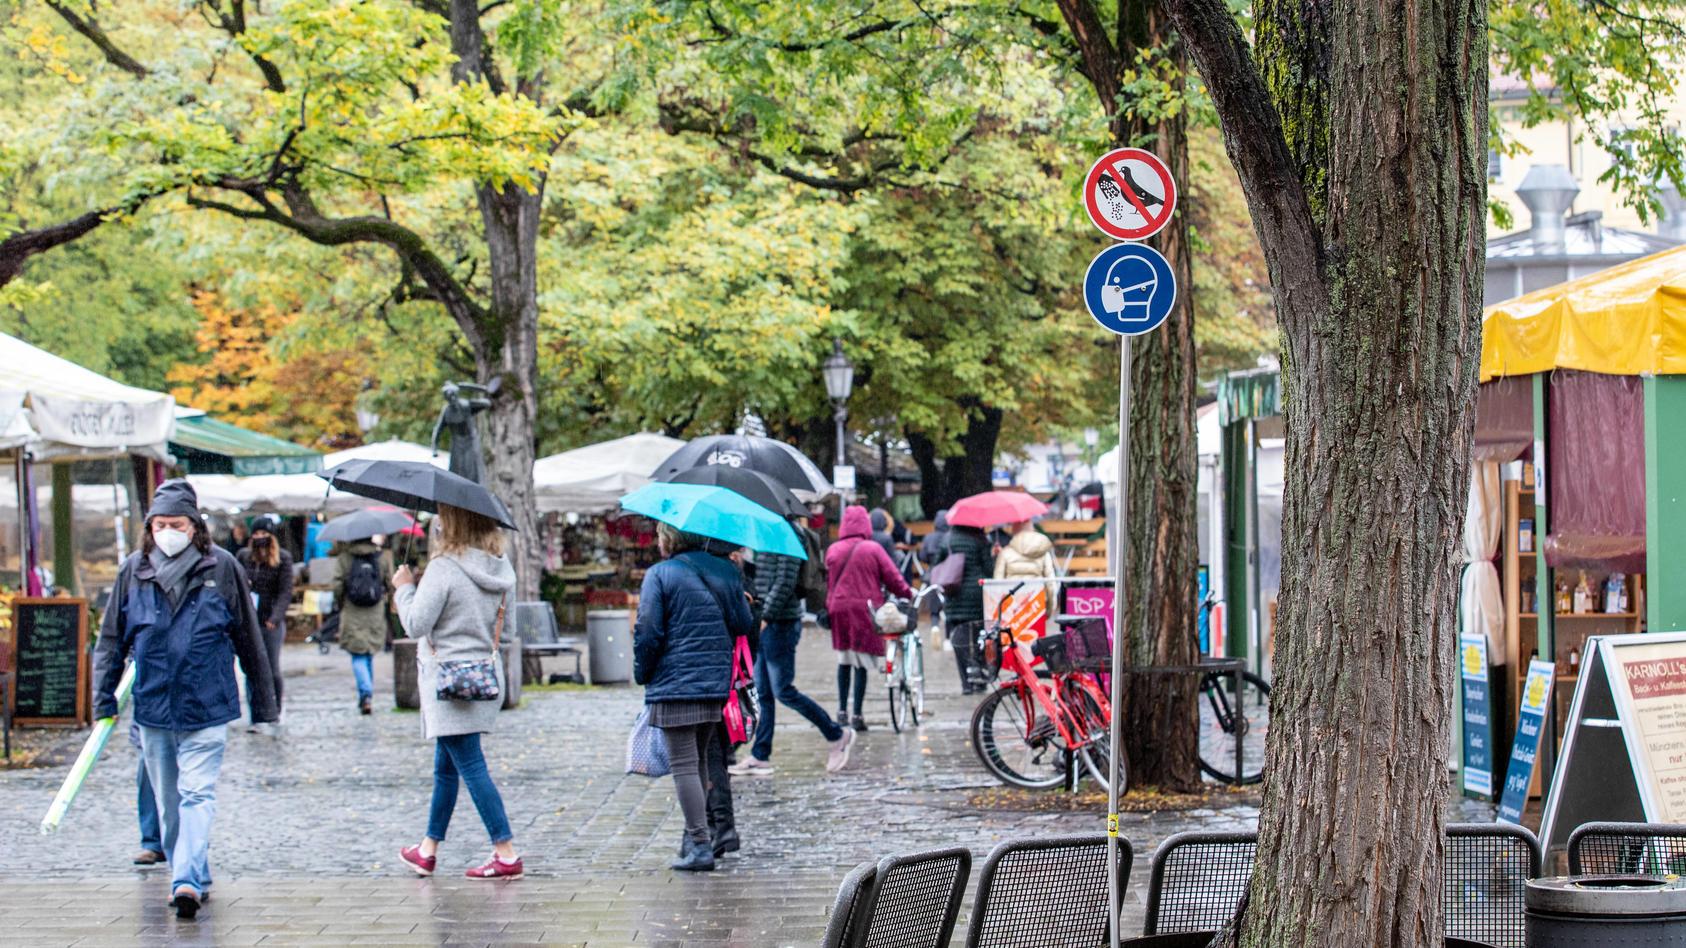 Maskenpflicht und Regen - wie hier in München - prägten das Bild des Oktobers 2020.